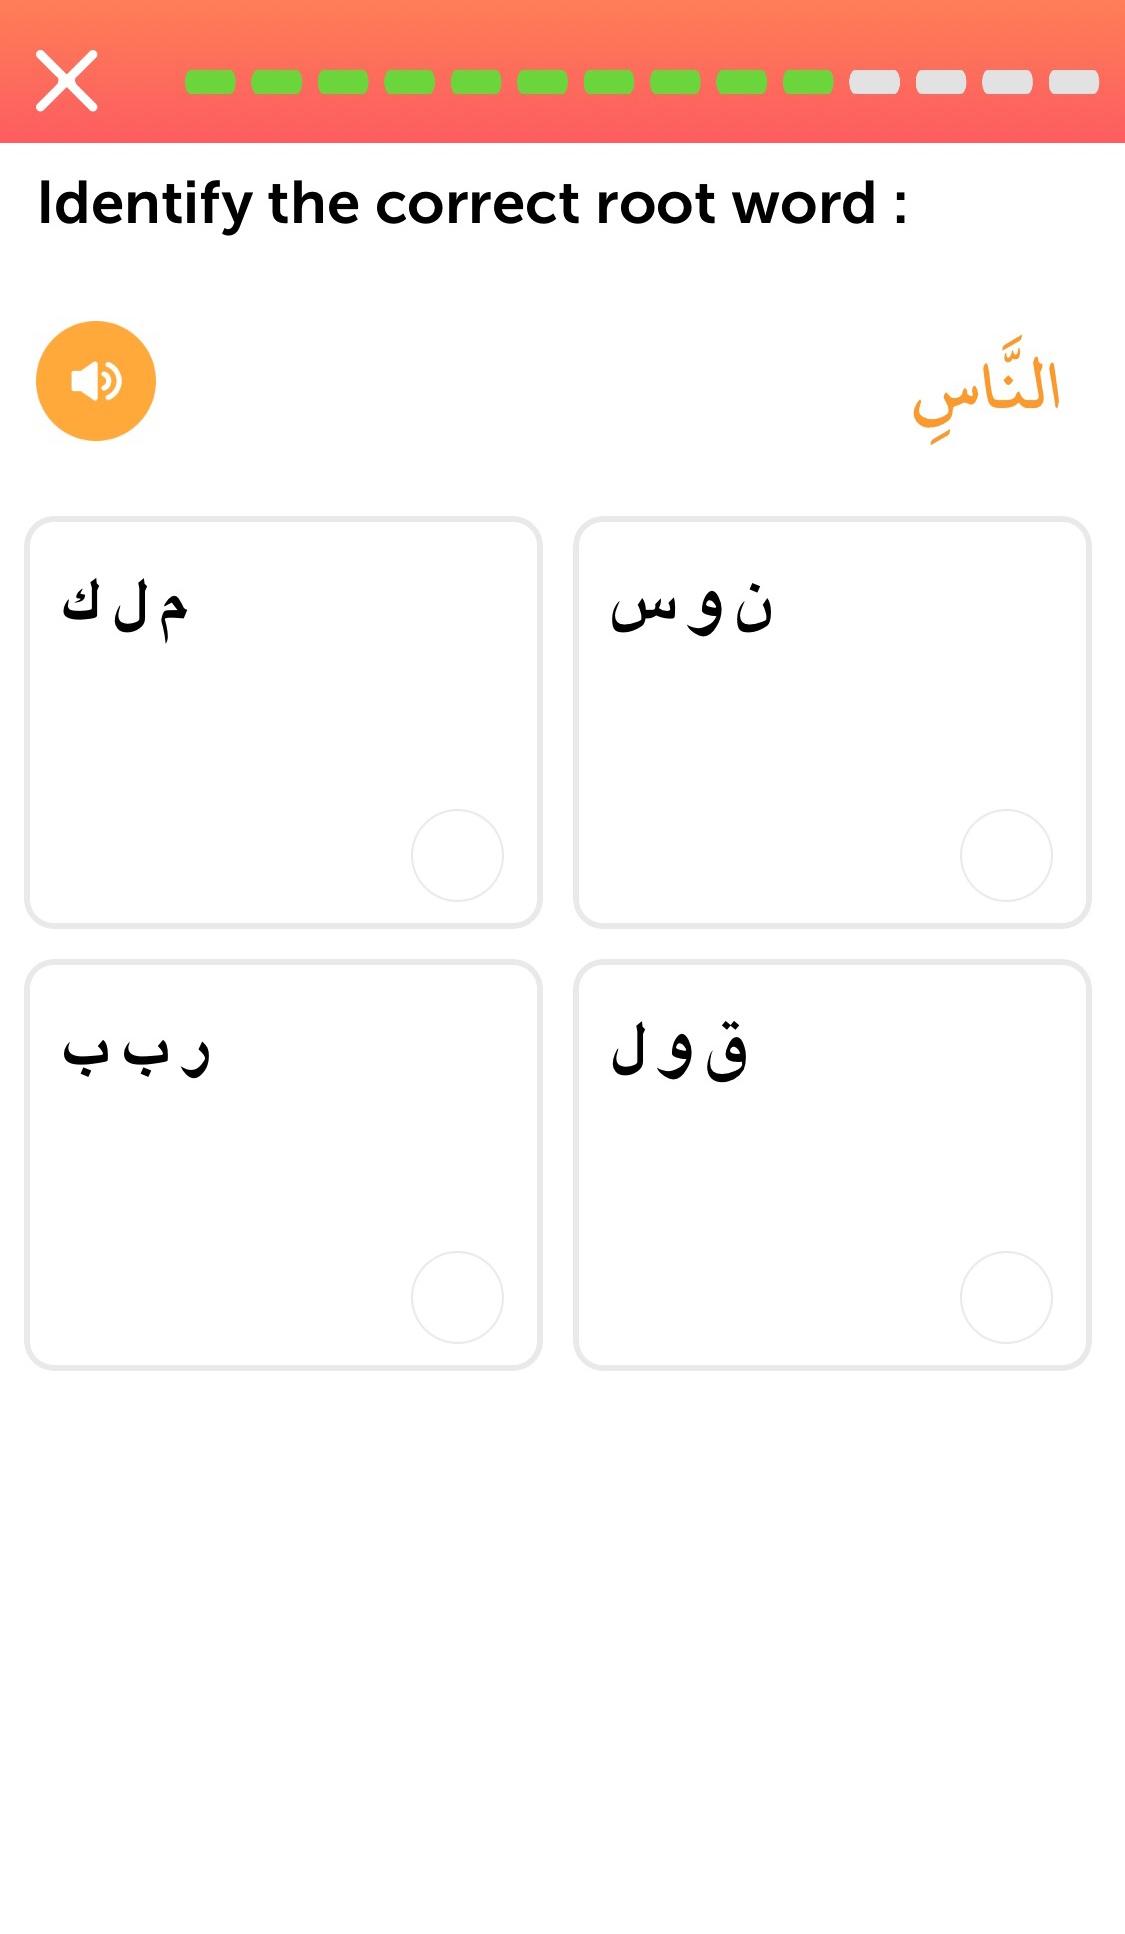 studentsofquran.com